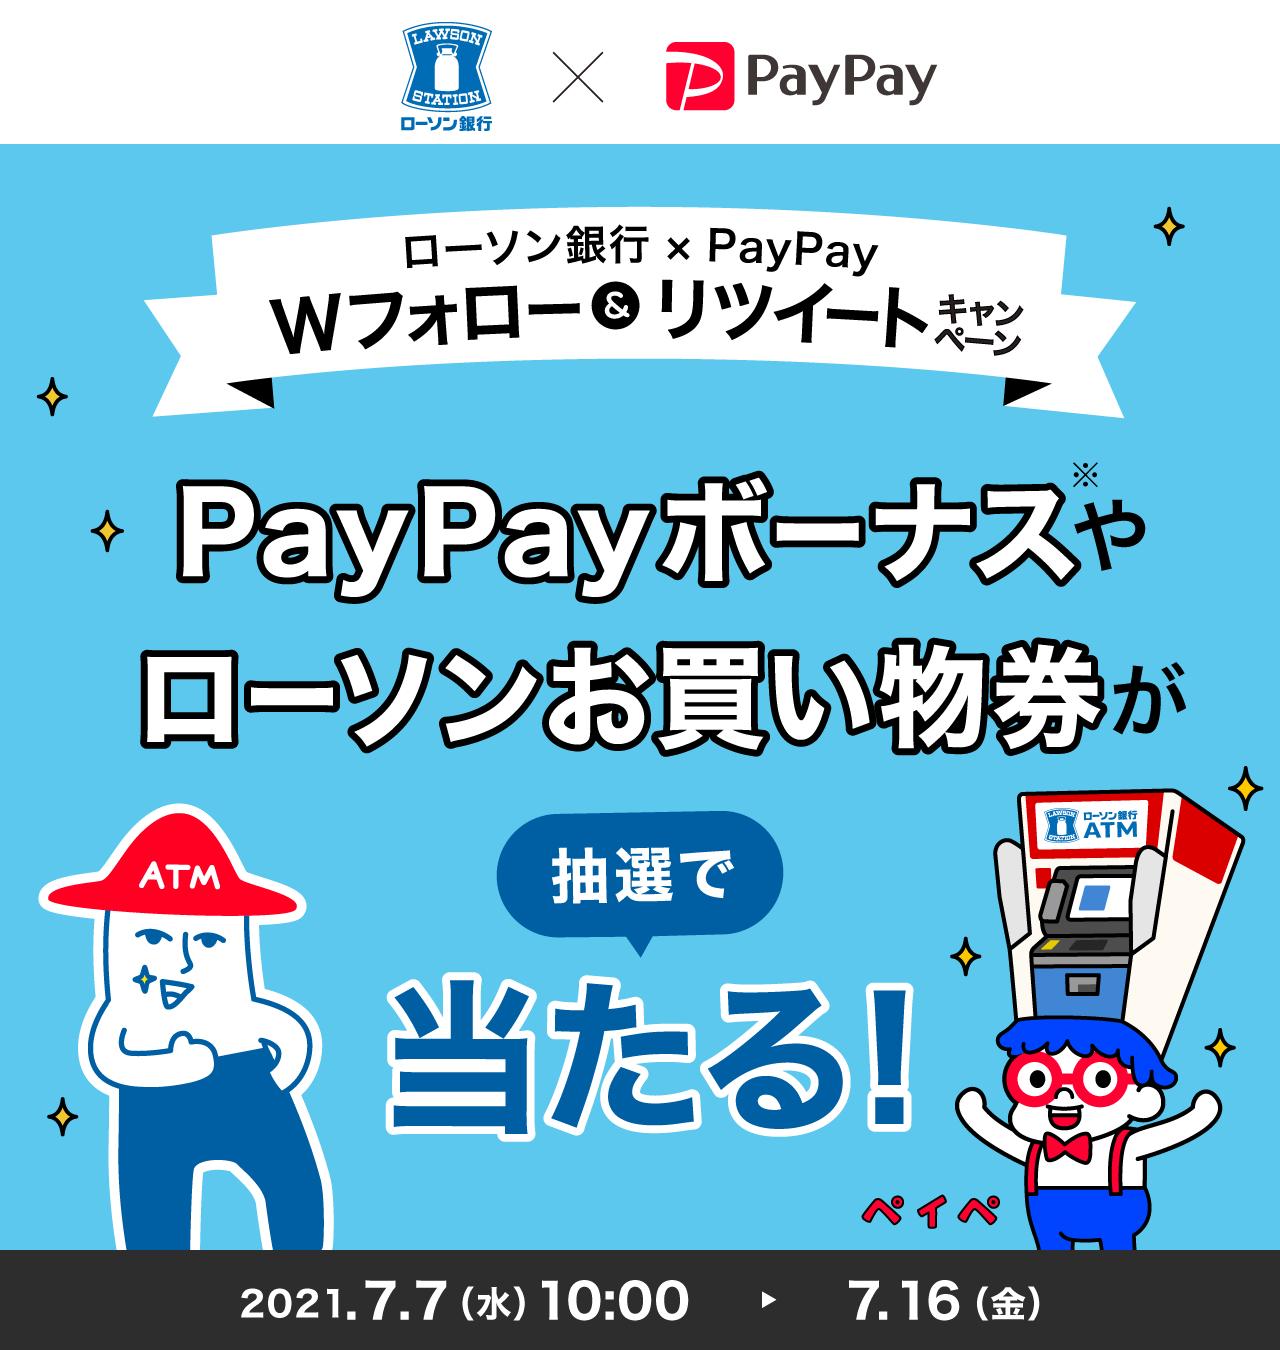 ローソン銀行×PayPayキャンペーンで抽選で20名に「ローソンお買い物券1万円分」「10,000円相当のPayPayボーナス」が当たる。~7/16。